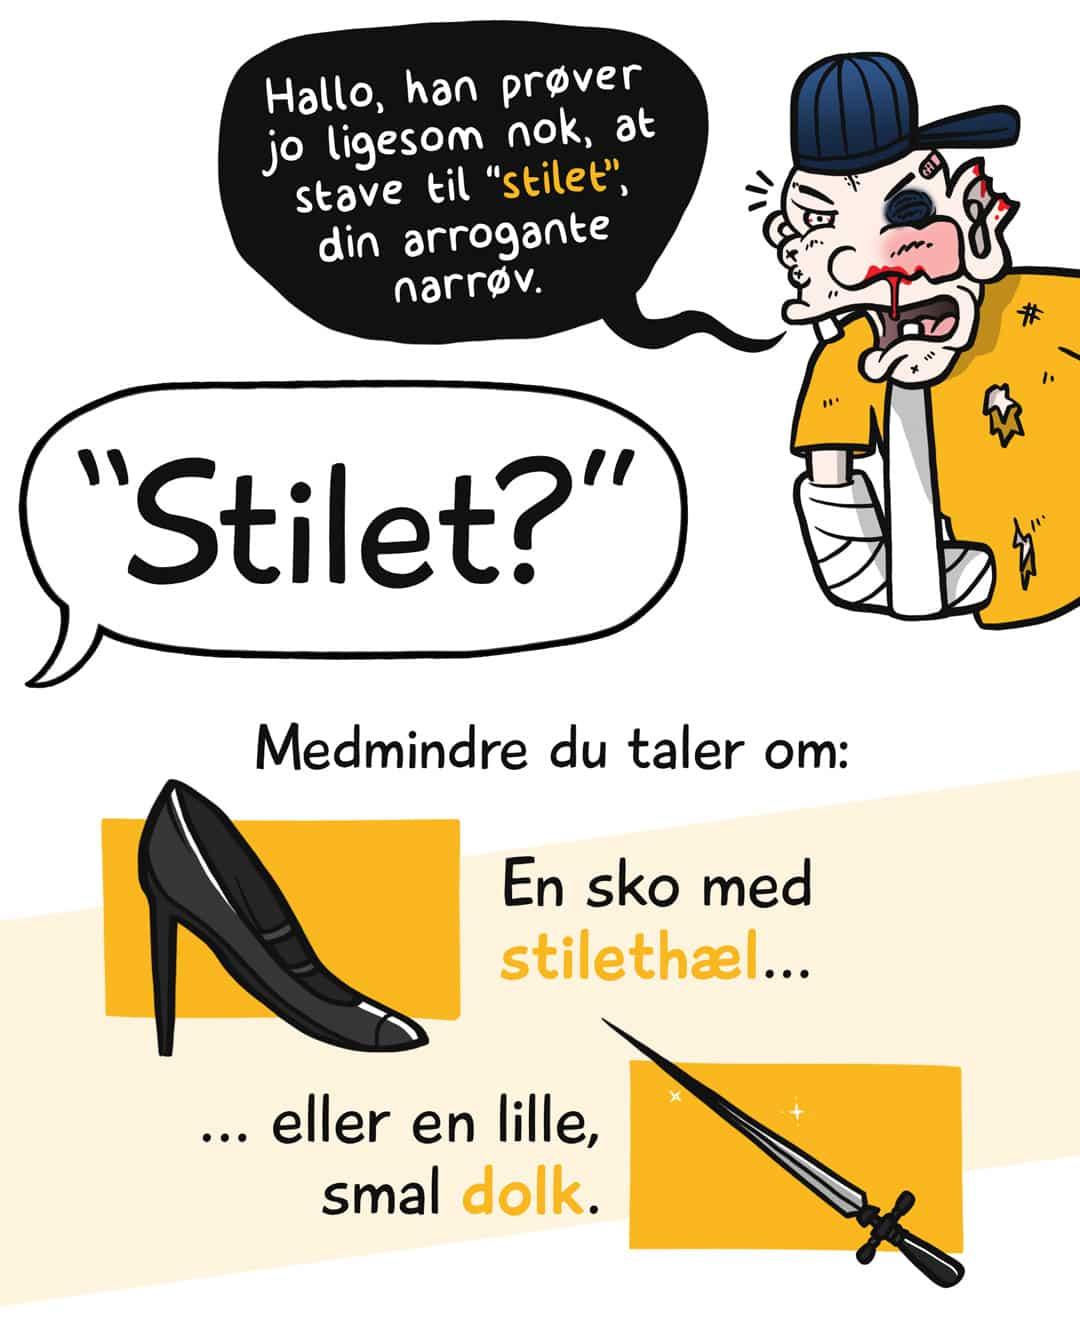 """""""Hallo, han prøver jo ligesom nok, at stave til """"stilet"""", din arrogante narrøv."""" Stilet? Medmindre du taler om en sko med stilethæl eller en lille, smal dolk."""